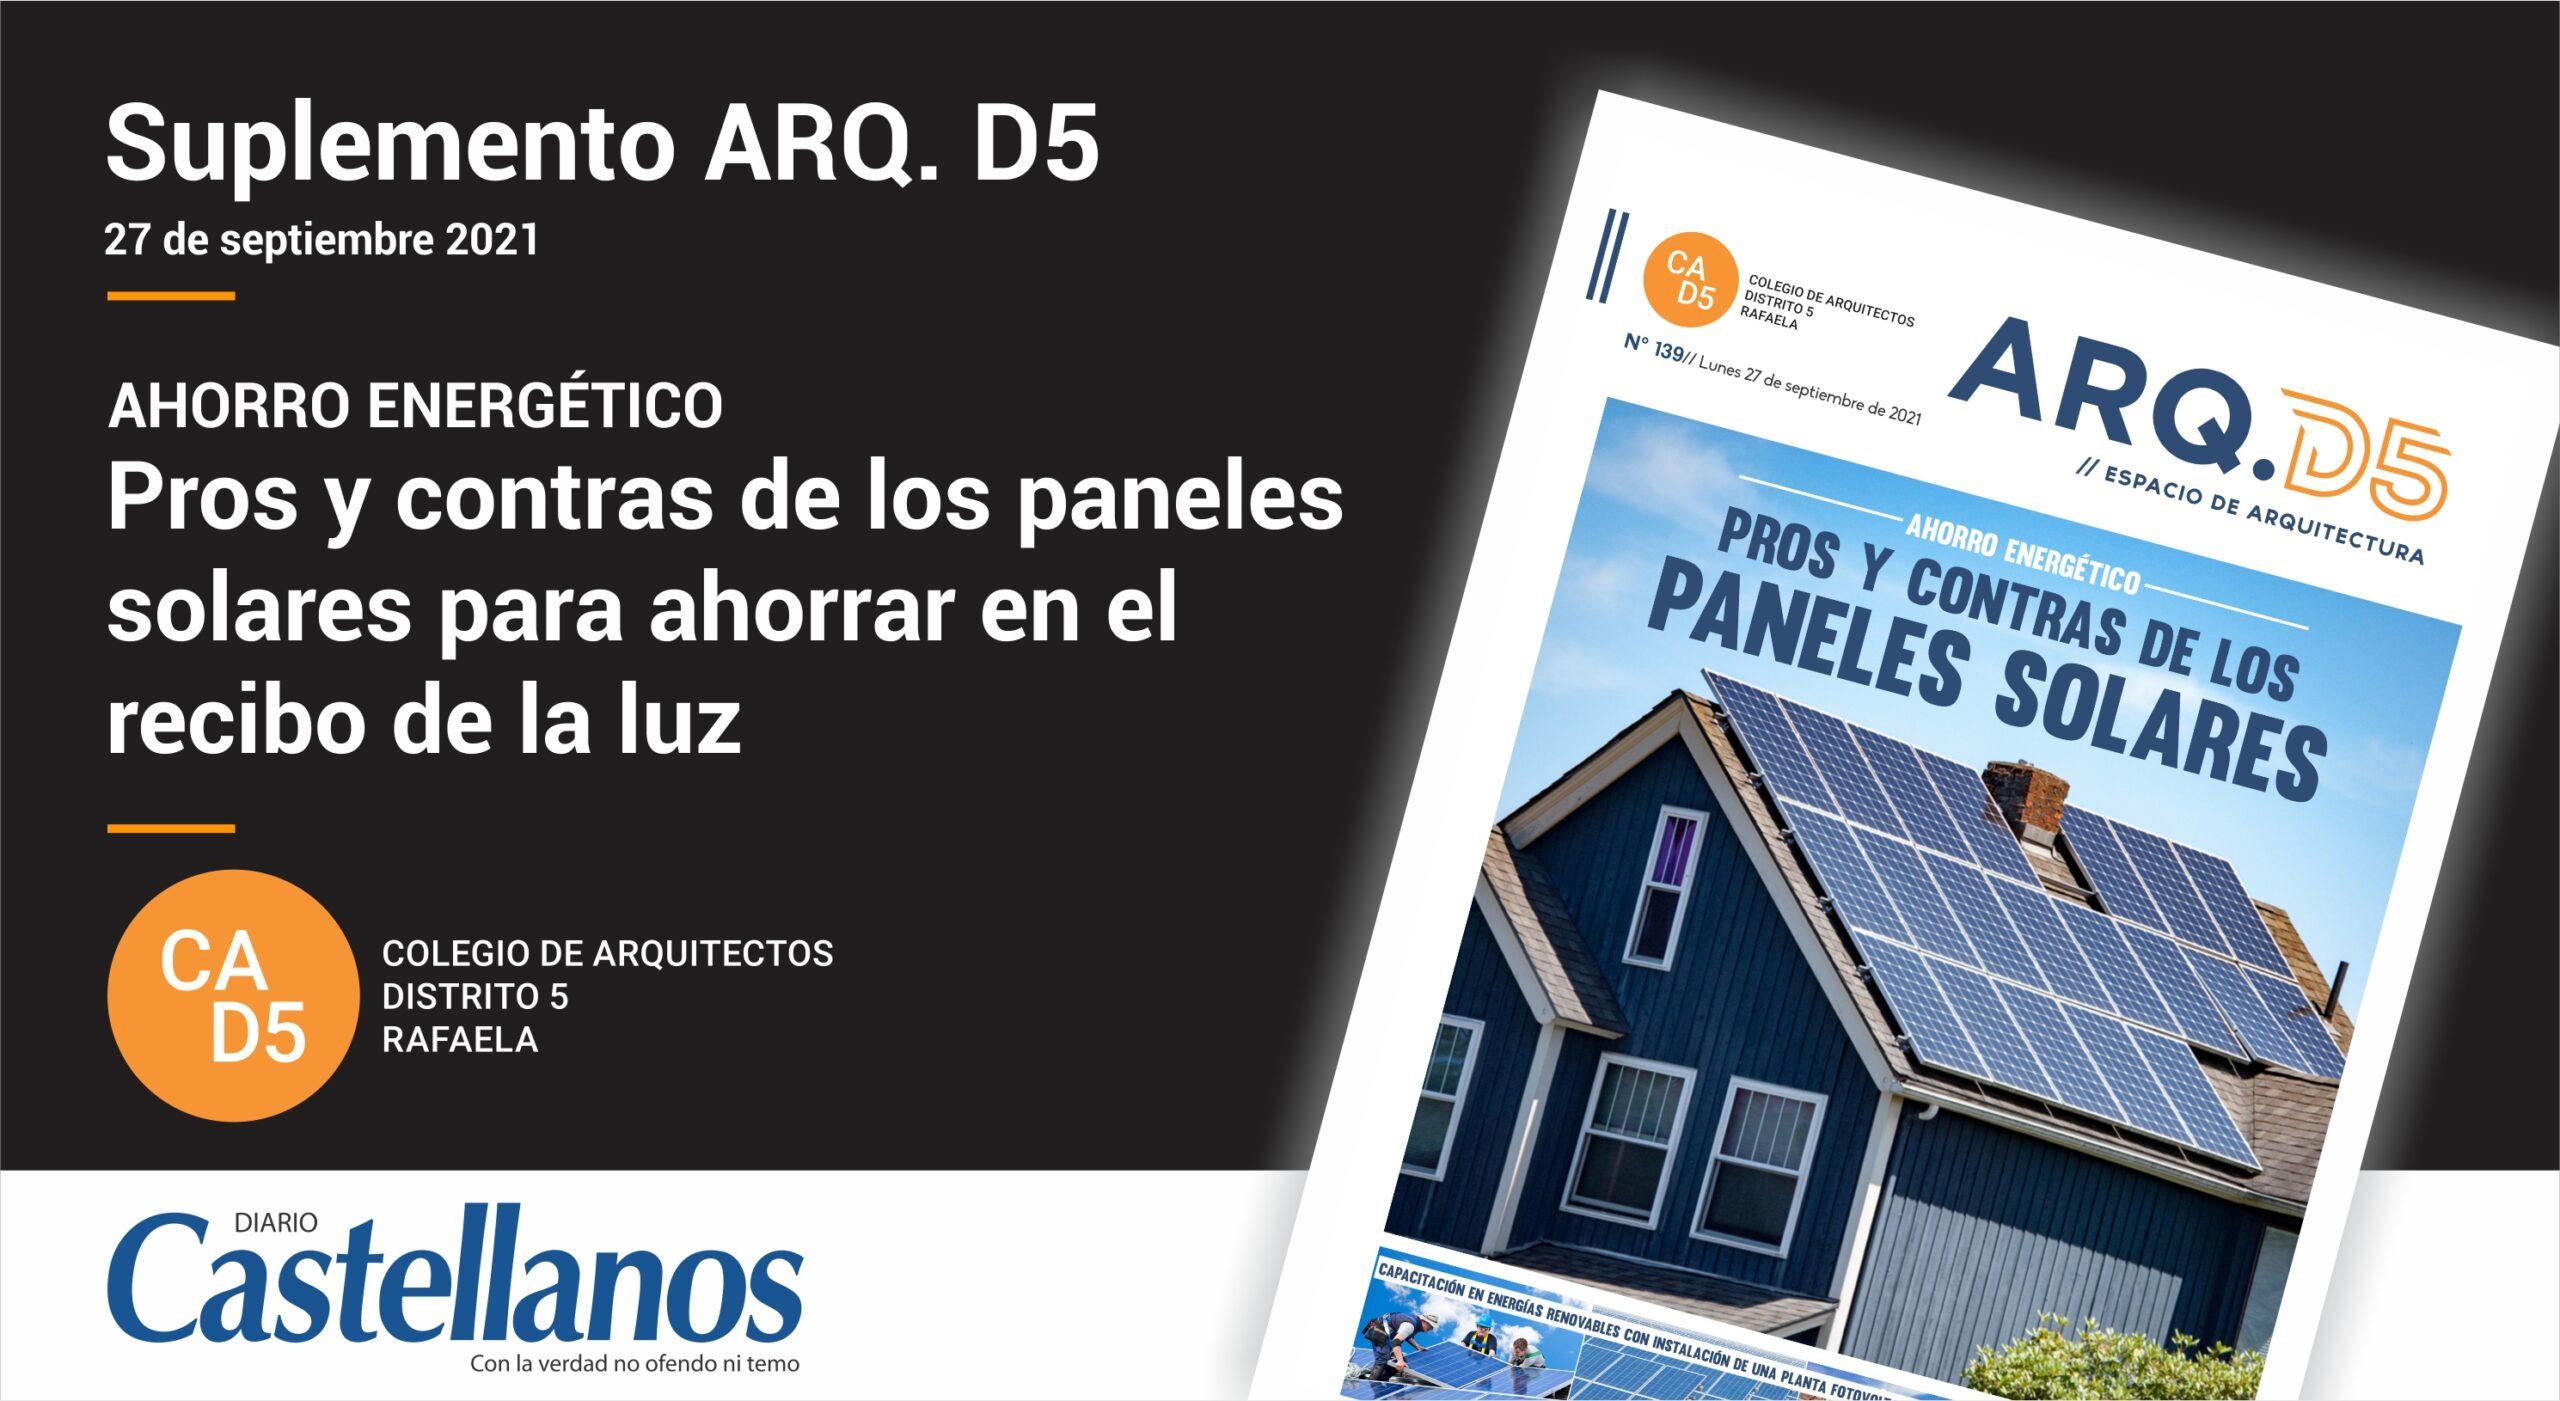 Suplemento ARQ D5 27-09-2021